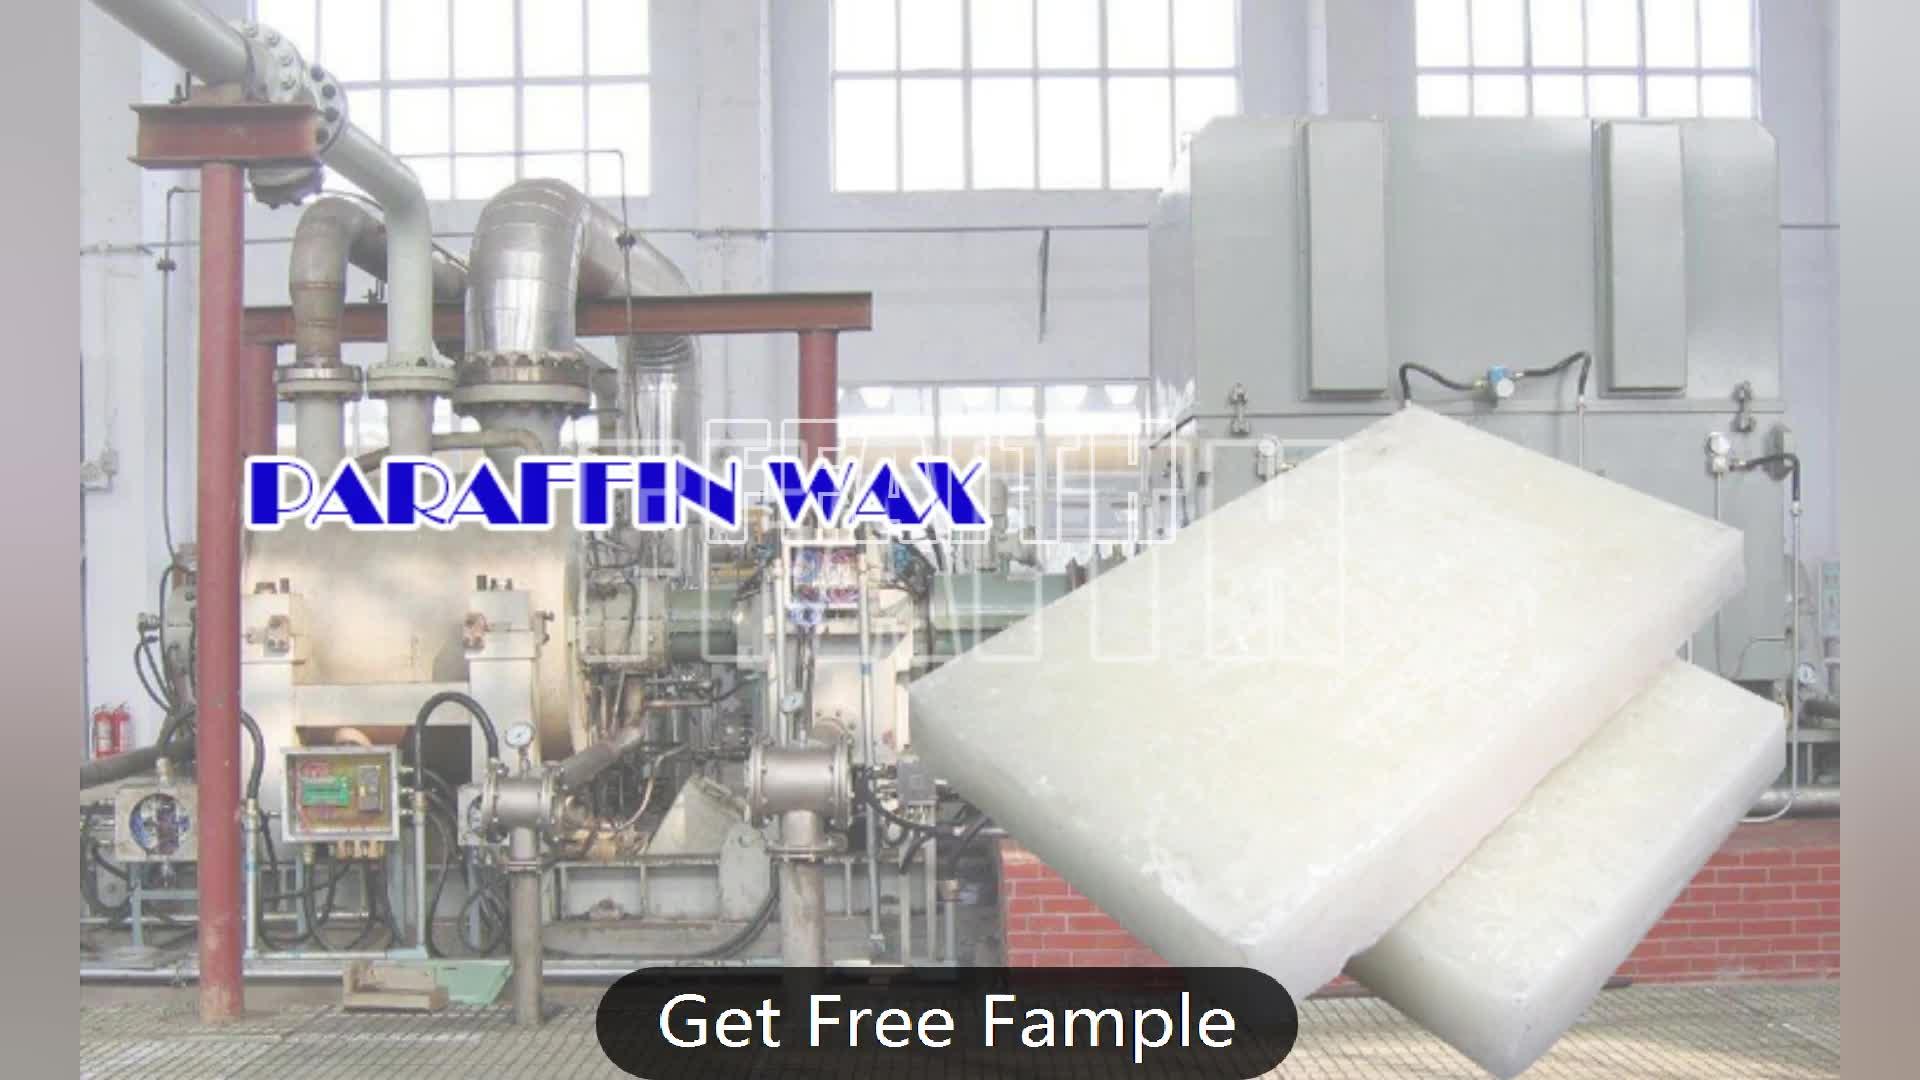 Hoe Te Gebruiken 56 58 Laboratorium Kunlun Industriële Volledige Verfijnd Grade Paraffine